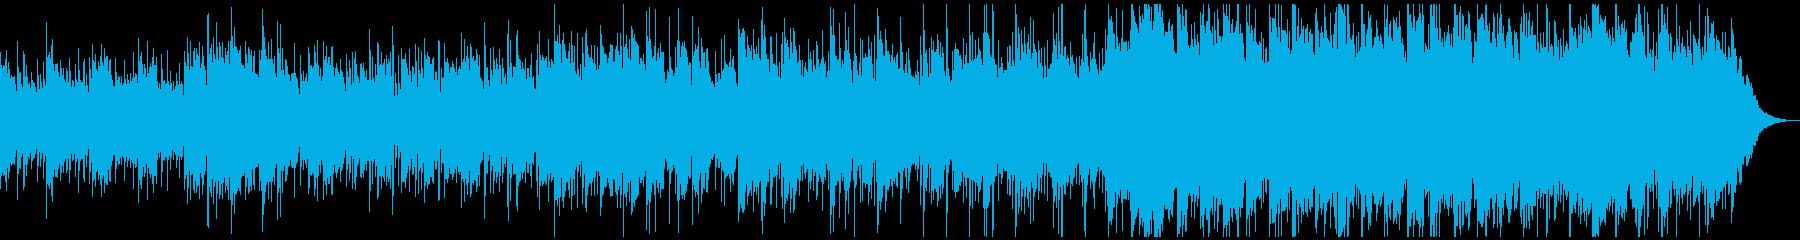 ナチュラルなアコースティックギター曲の再生済みの波形